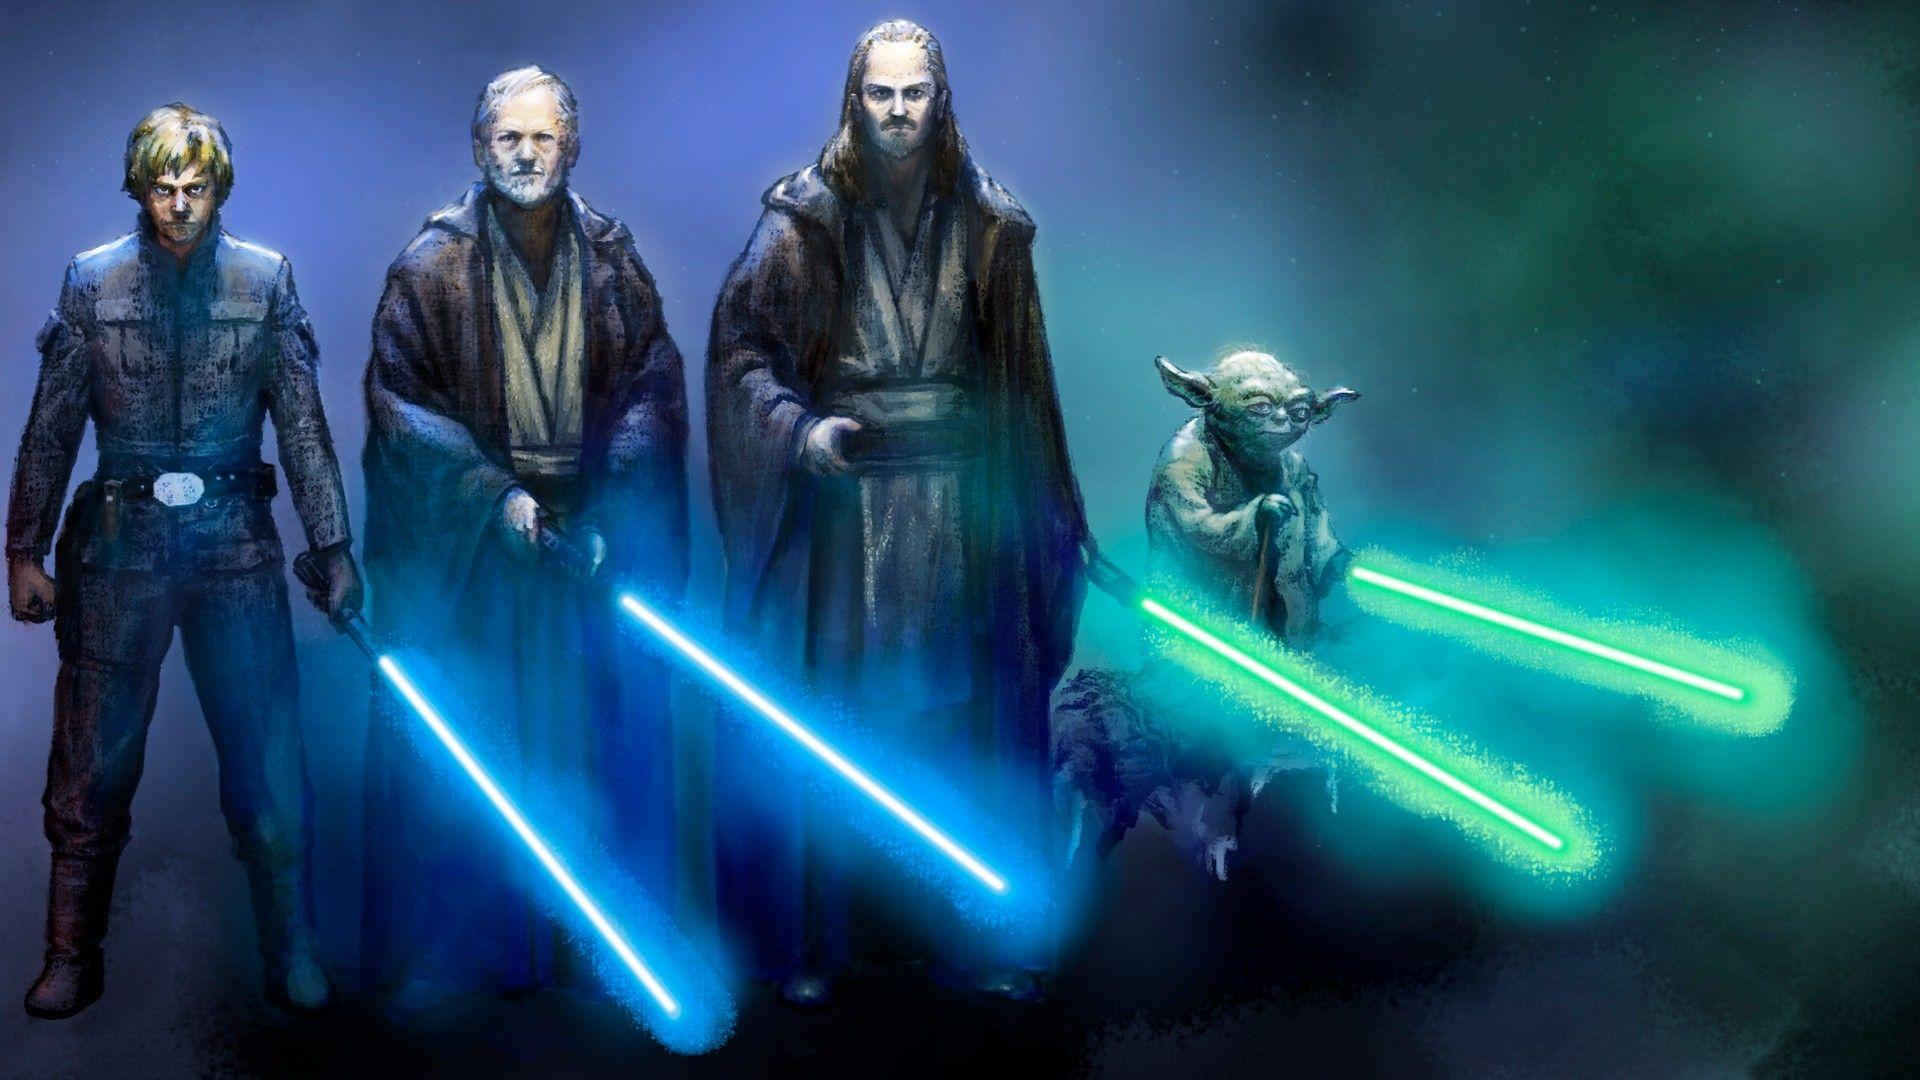 Star Wars Blue Lightsabers Luke Skywalker Yoda Obi Wan Kenobi Qui Gon Jinn Wallpaper 2470713 Wallbase Star Wars Jedi Star Wars Wallpaper Star Wars Yoda